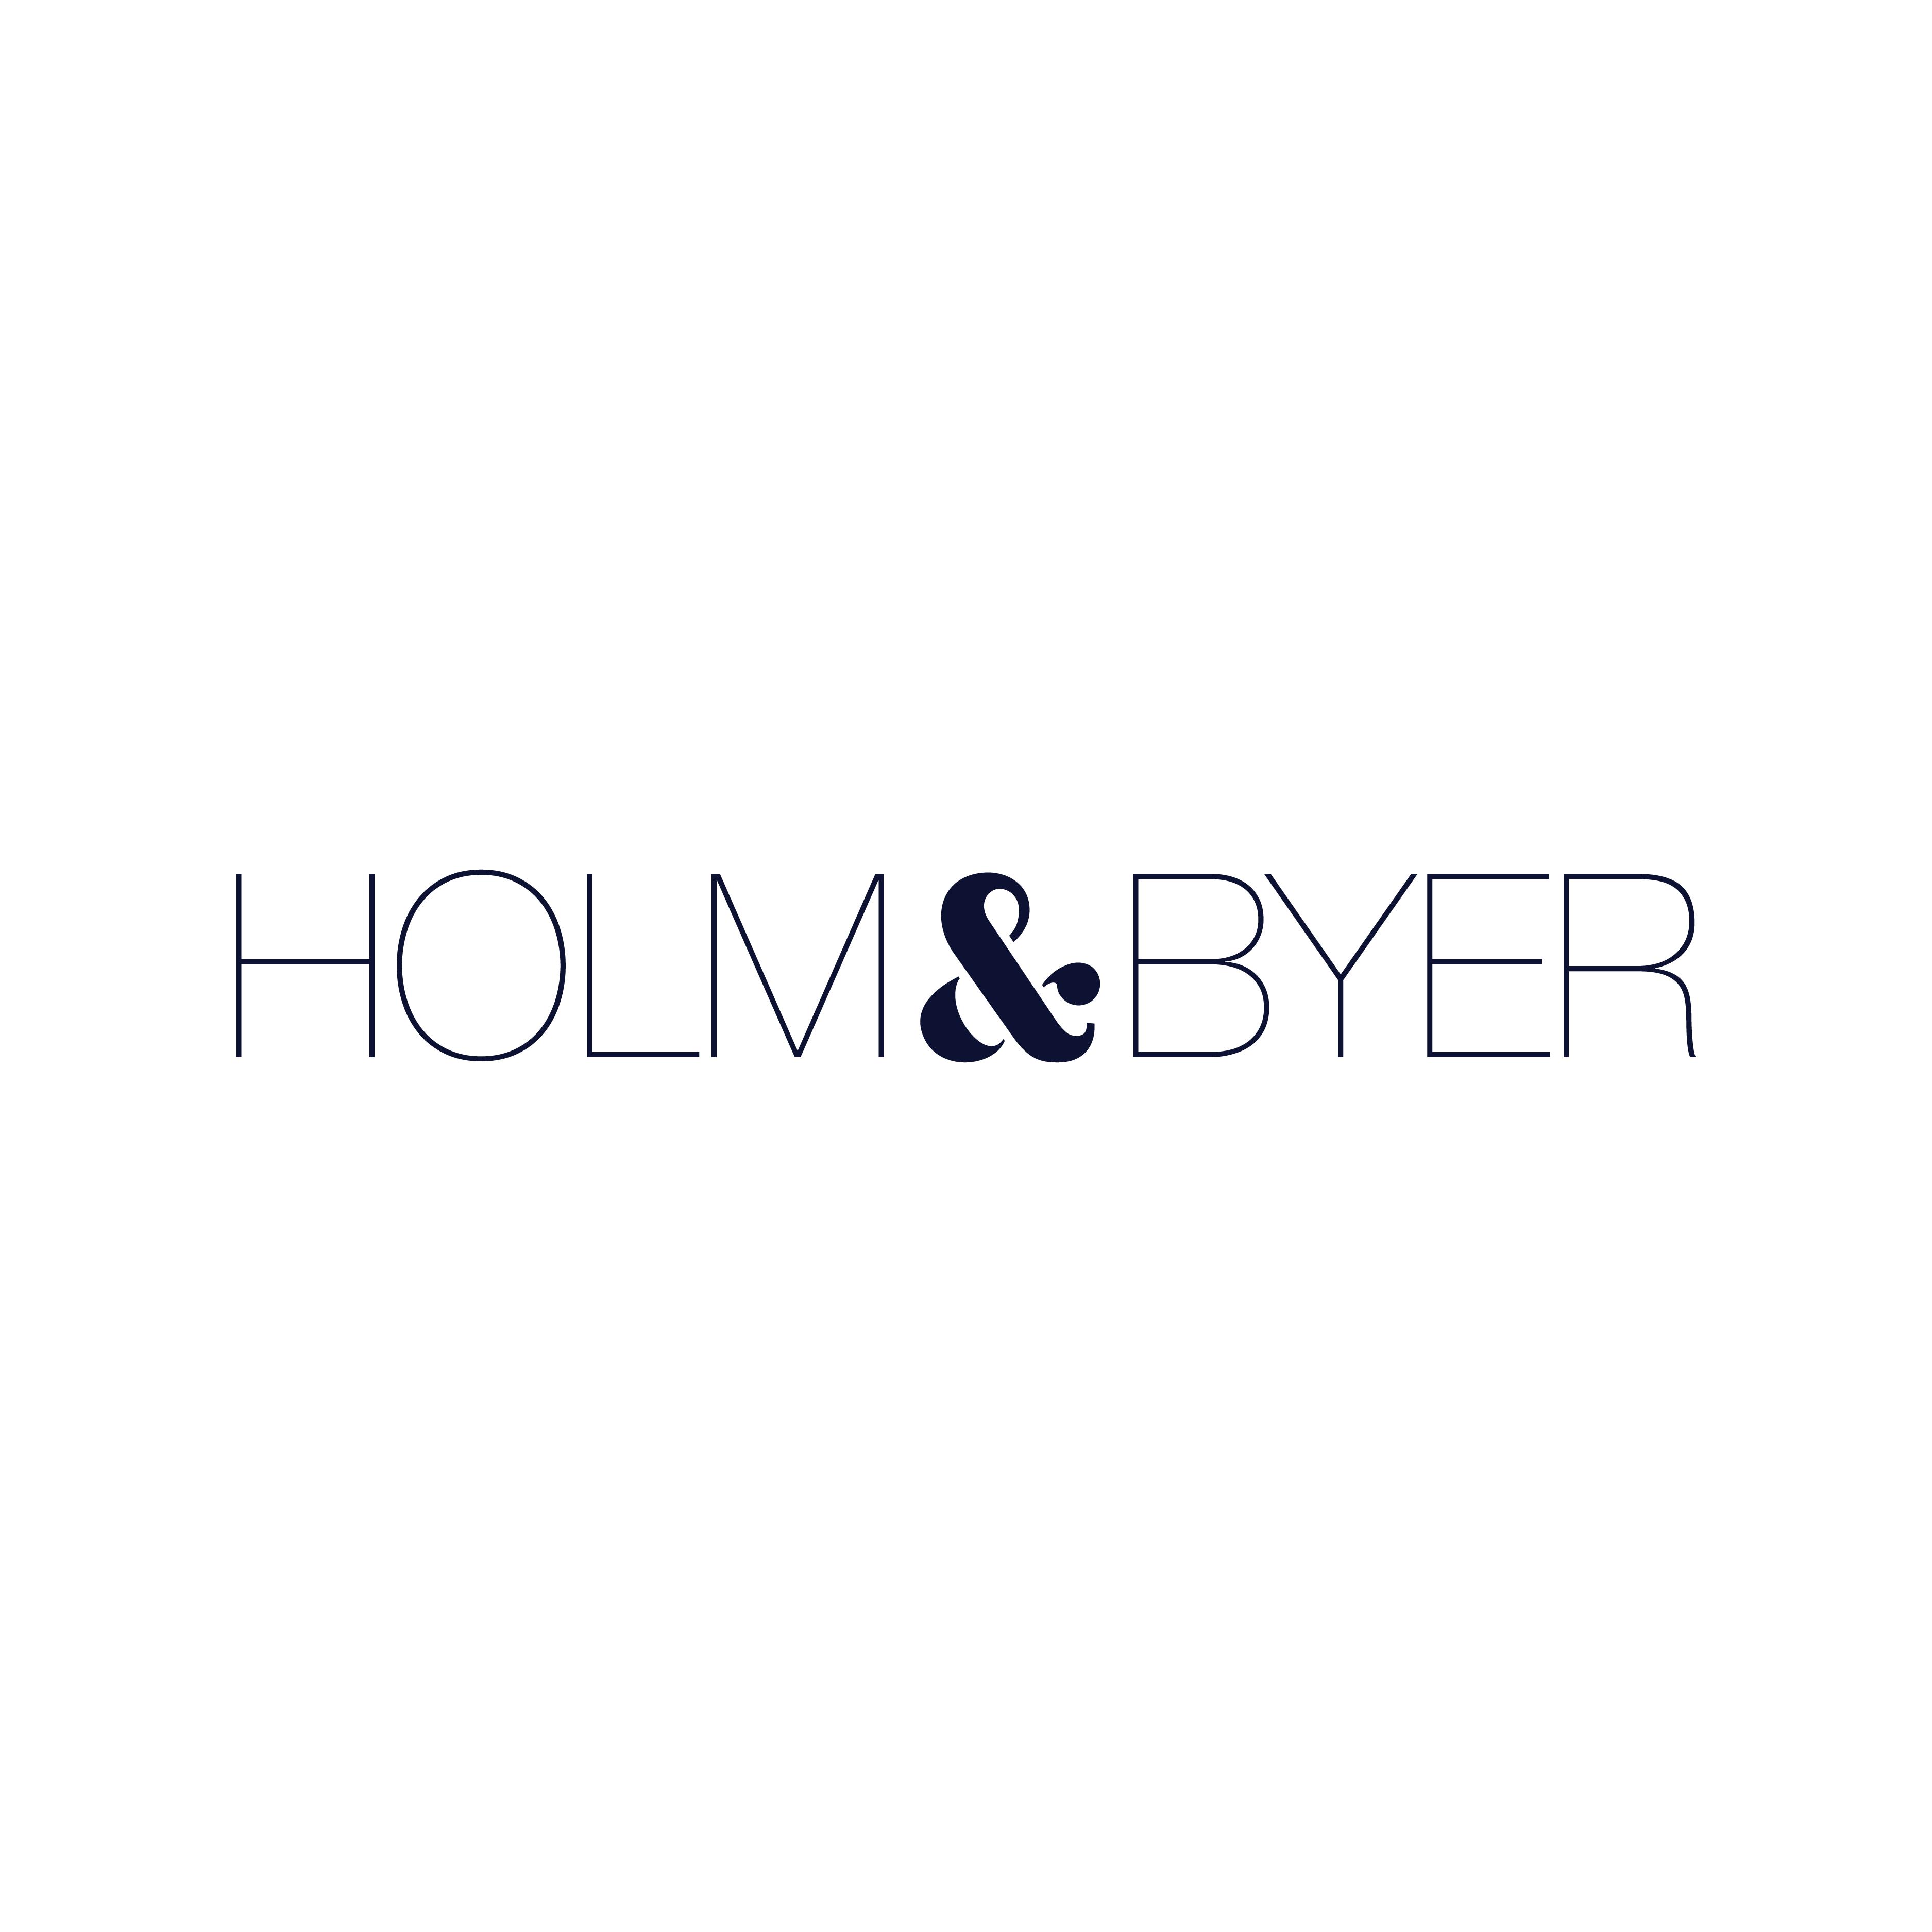 Holm & Byer